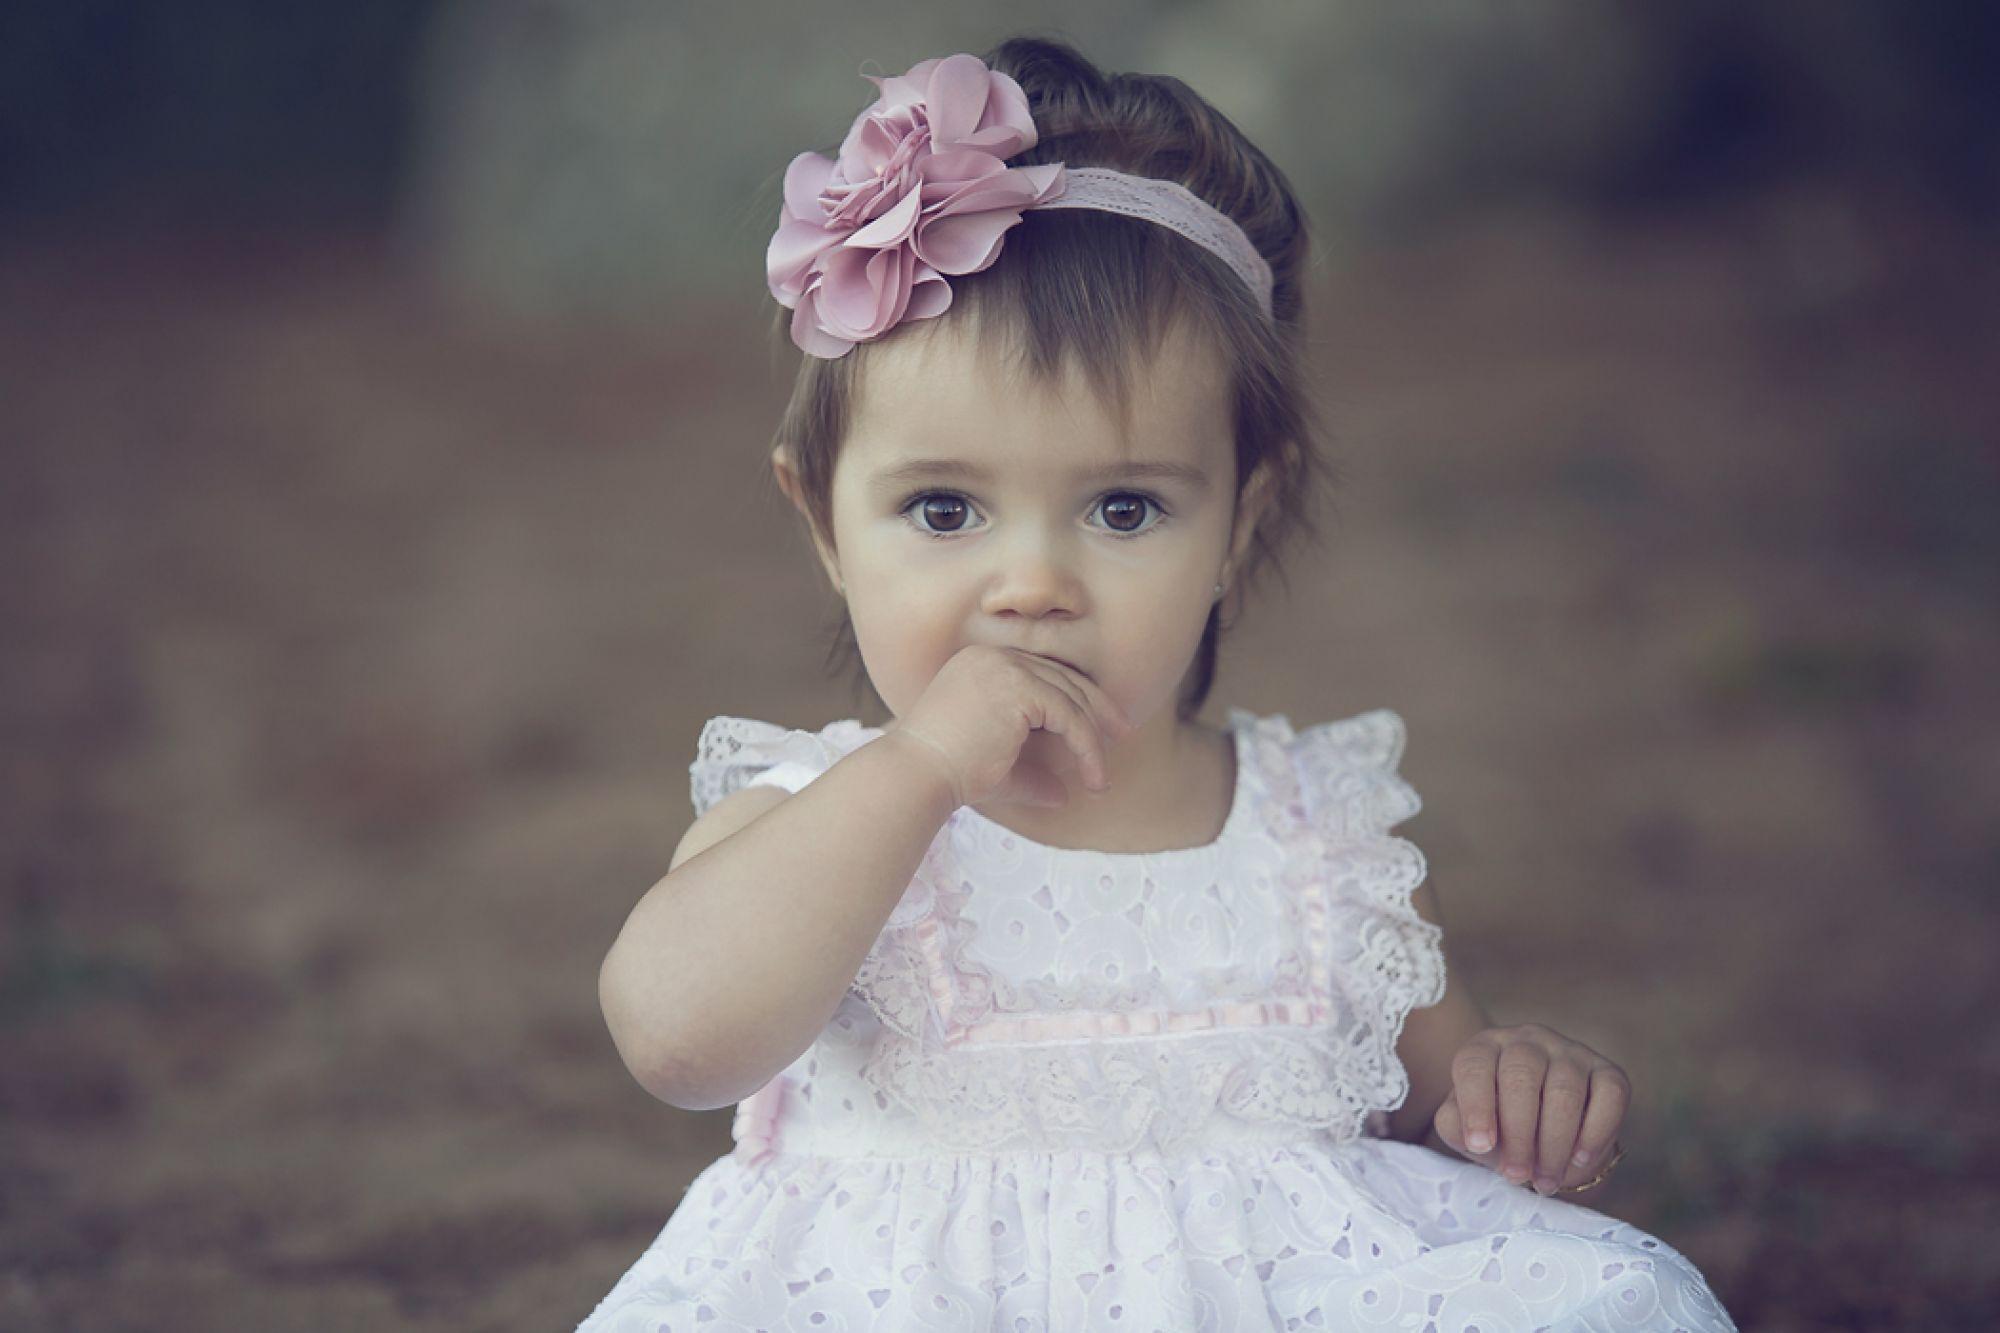 Fotos de Bebés reportaje